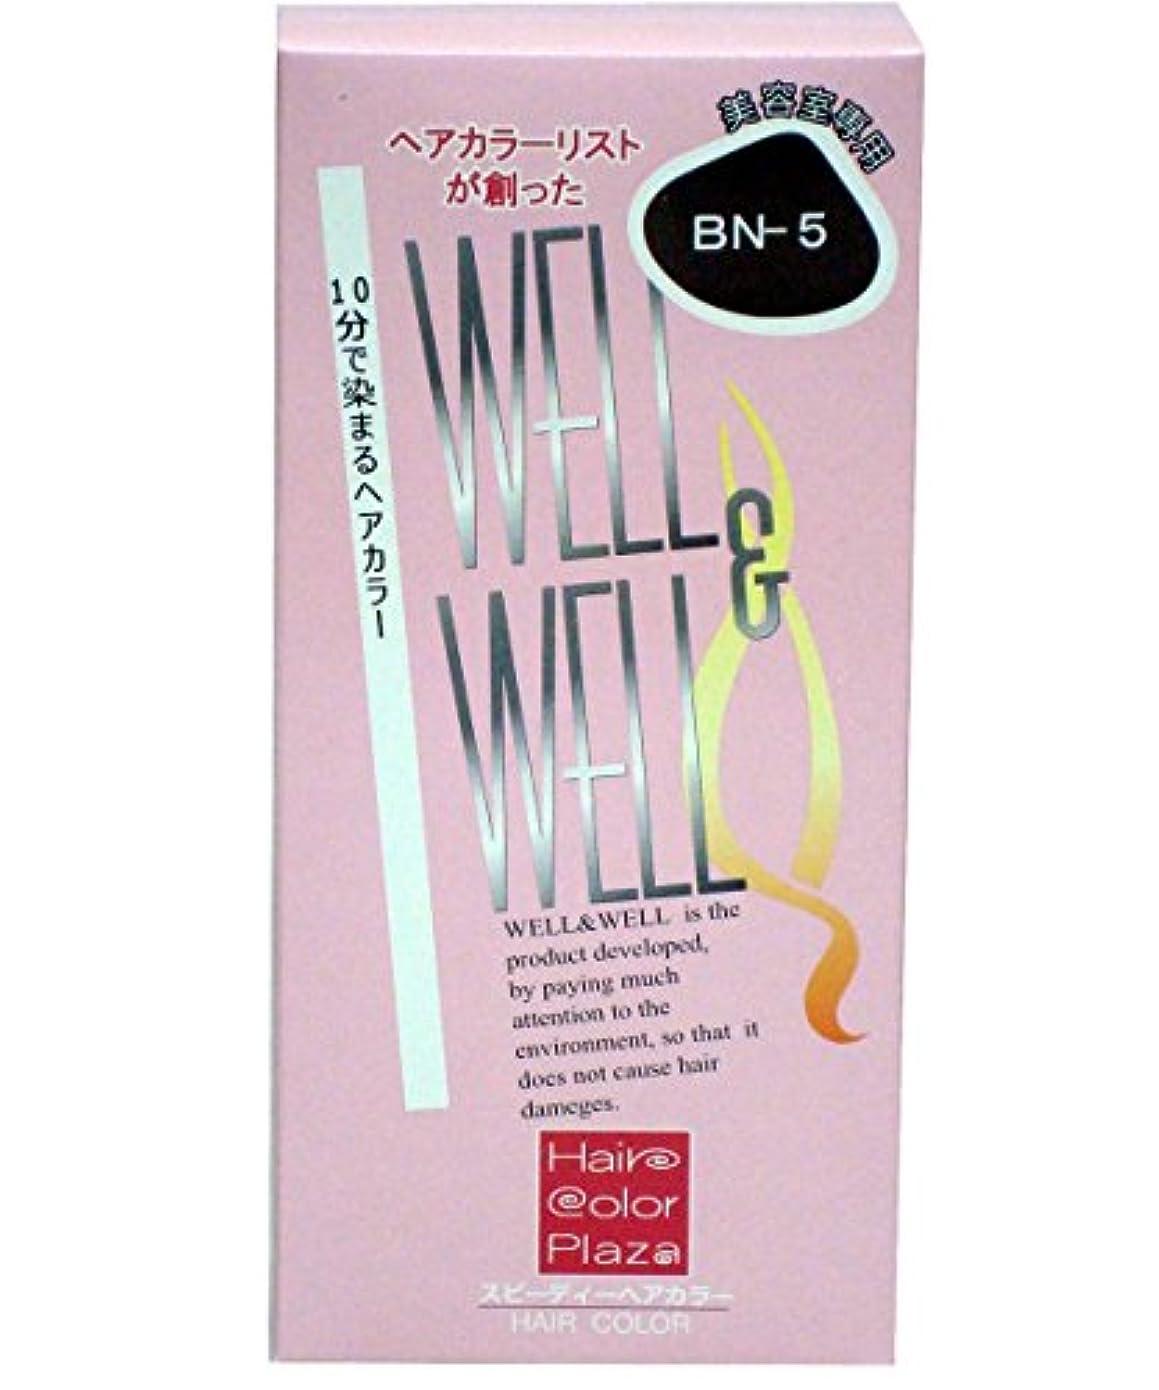 お気に入りそしてアクセル【美容室専用】 ウェル&ウェル スピーディヘアカラー ナチュラルブラウン BN-5